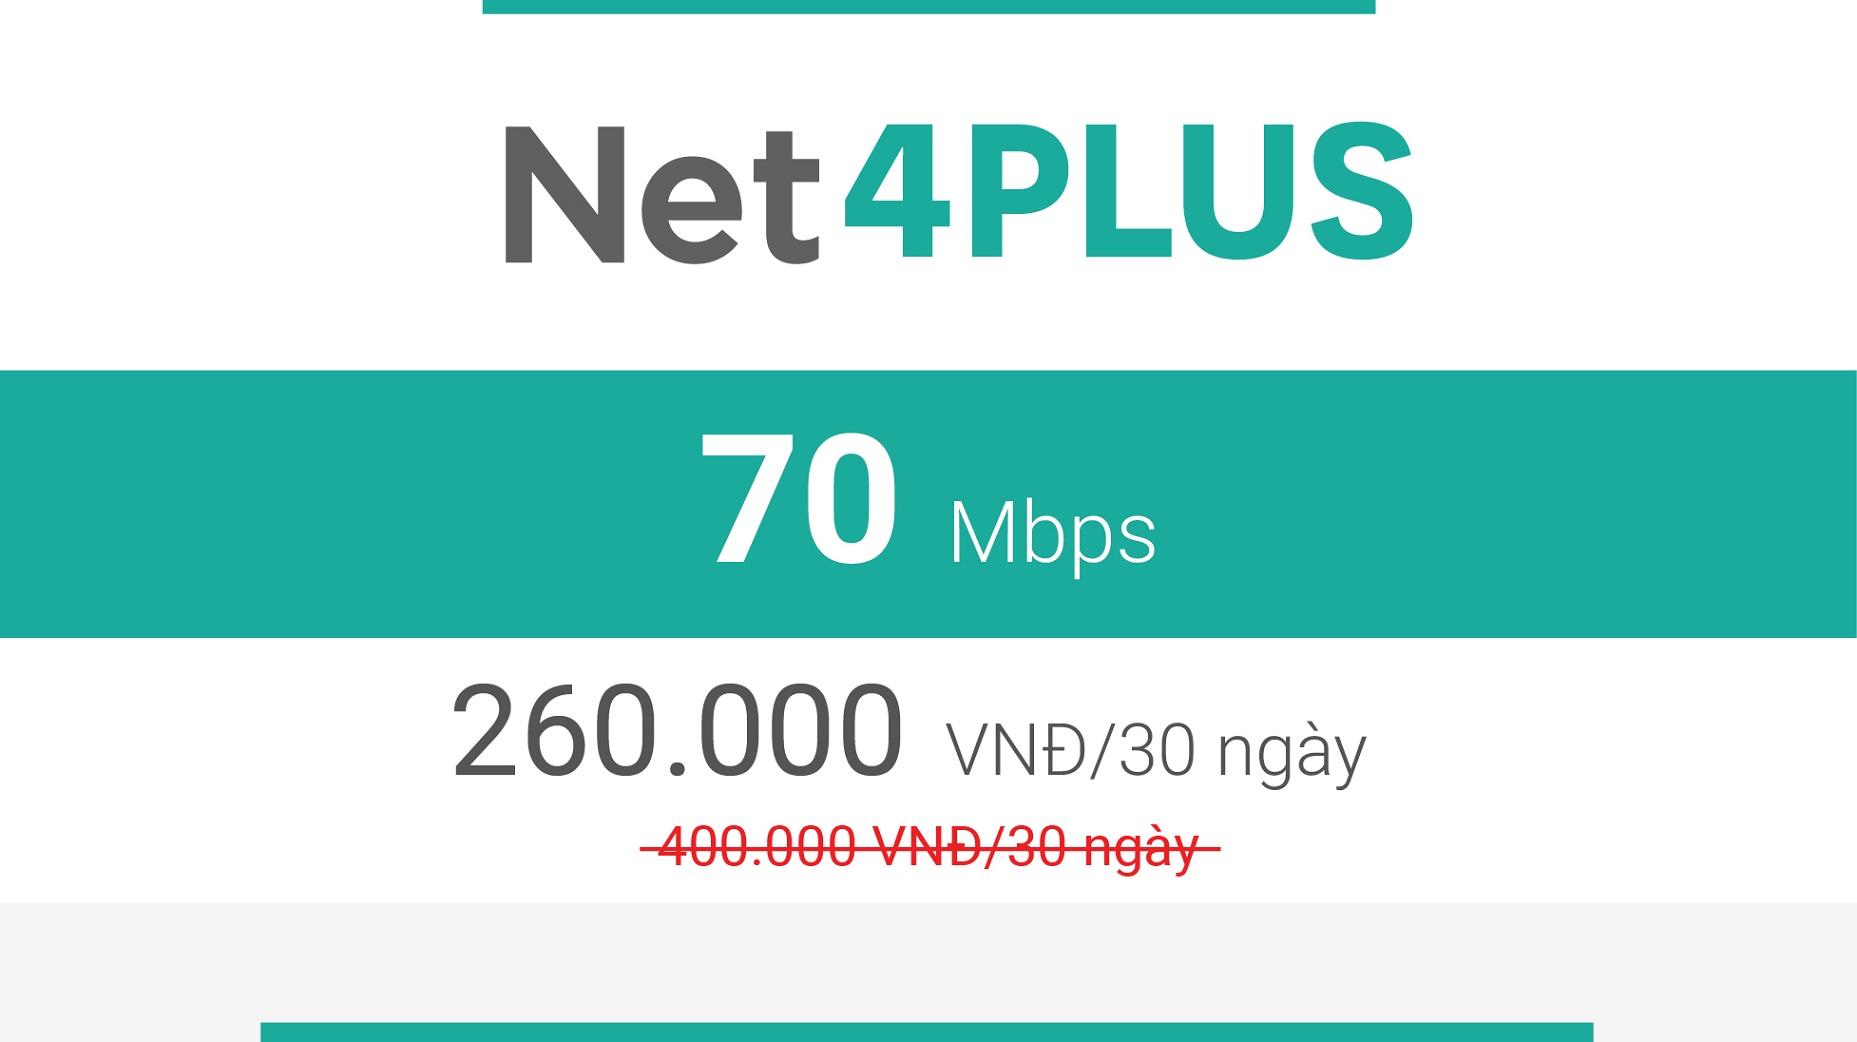 net4plus